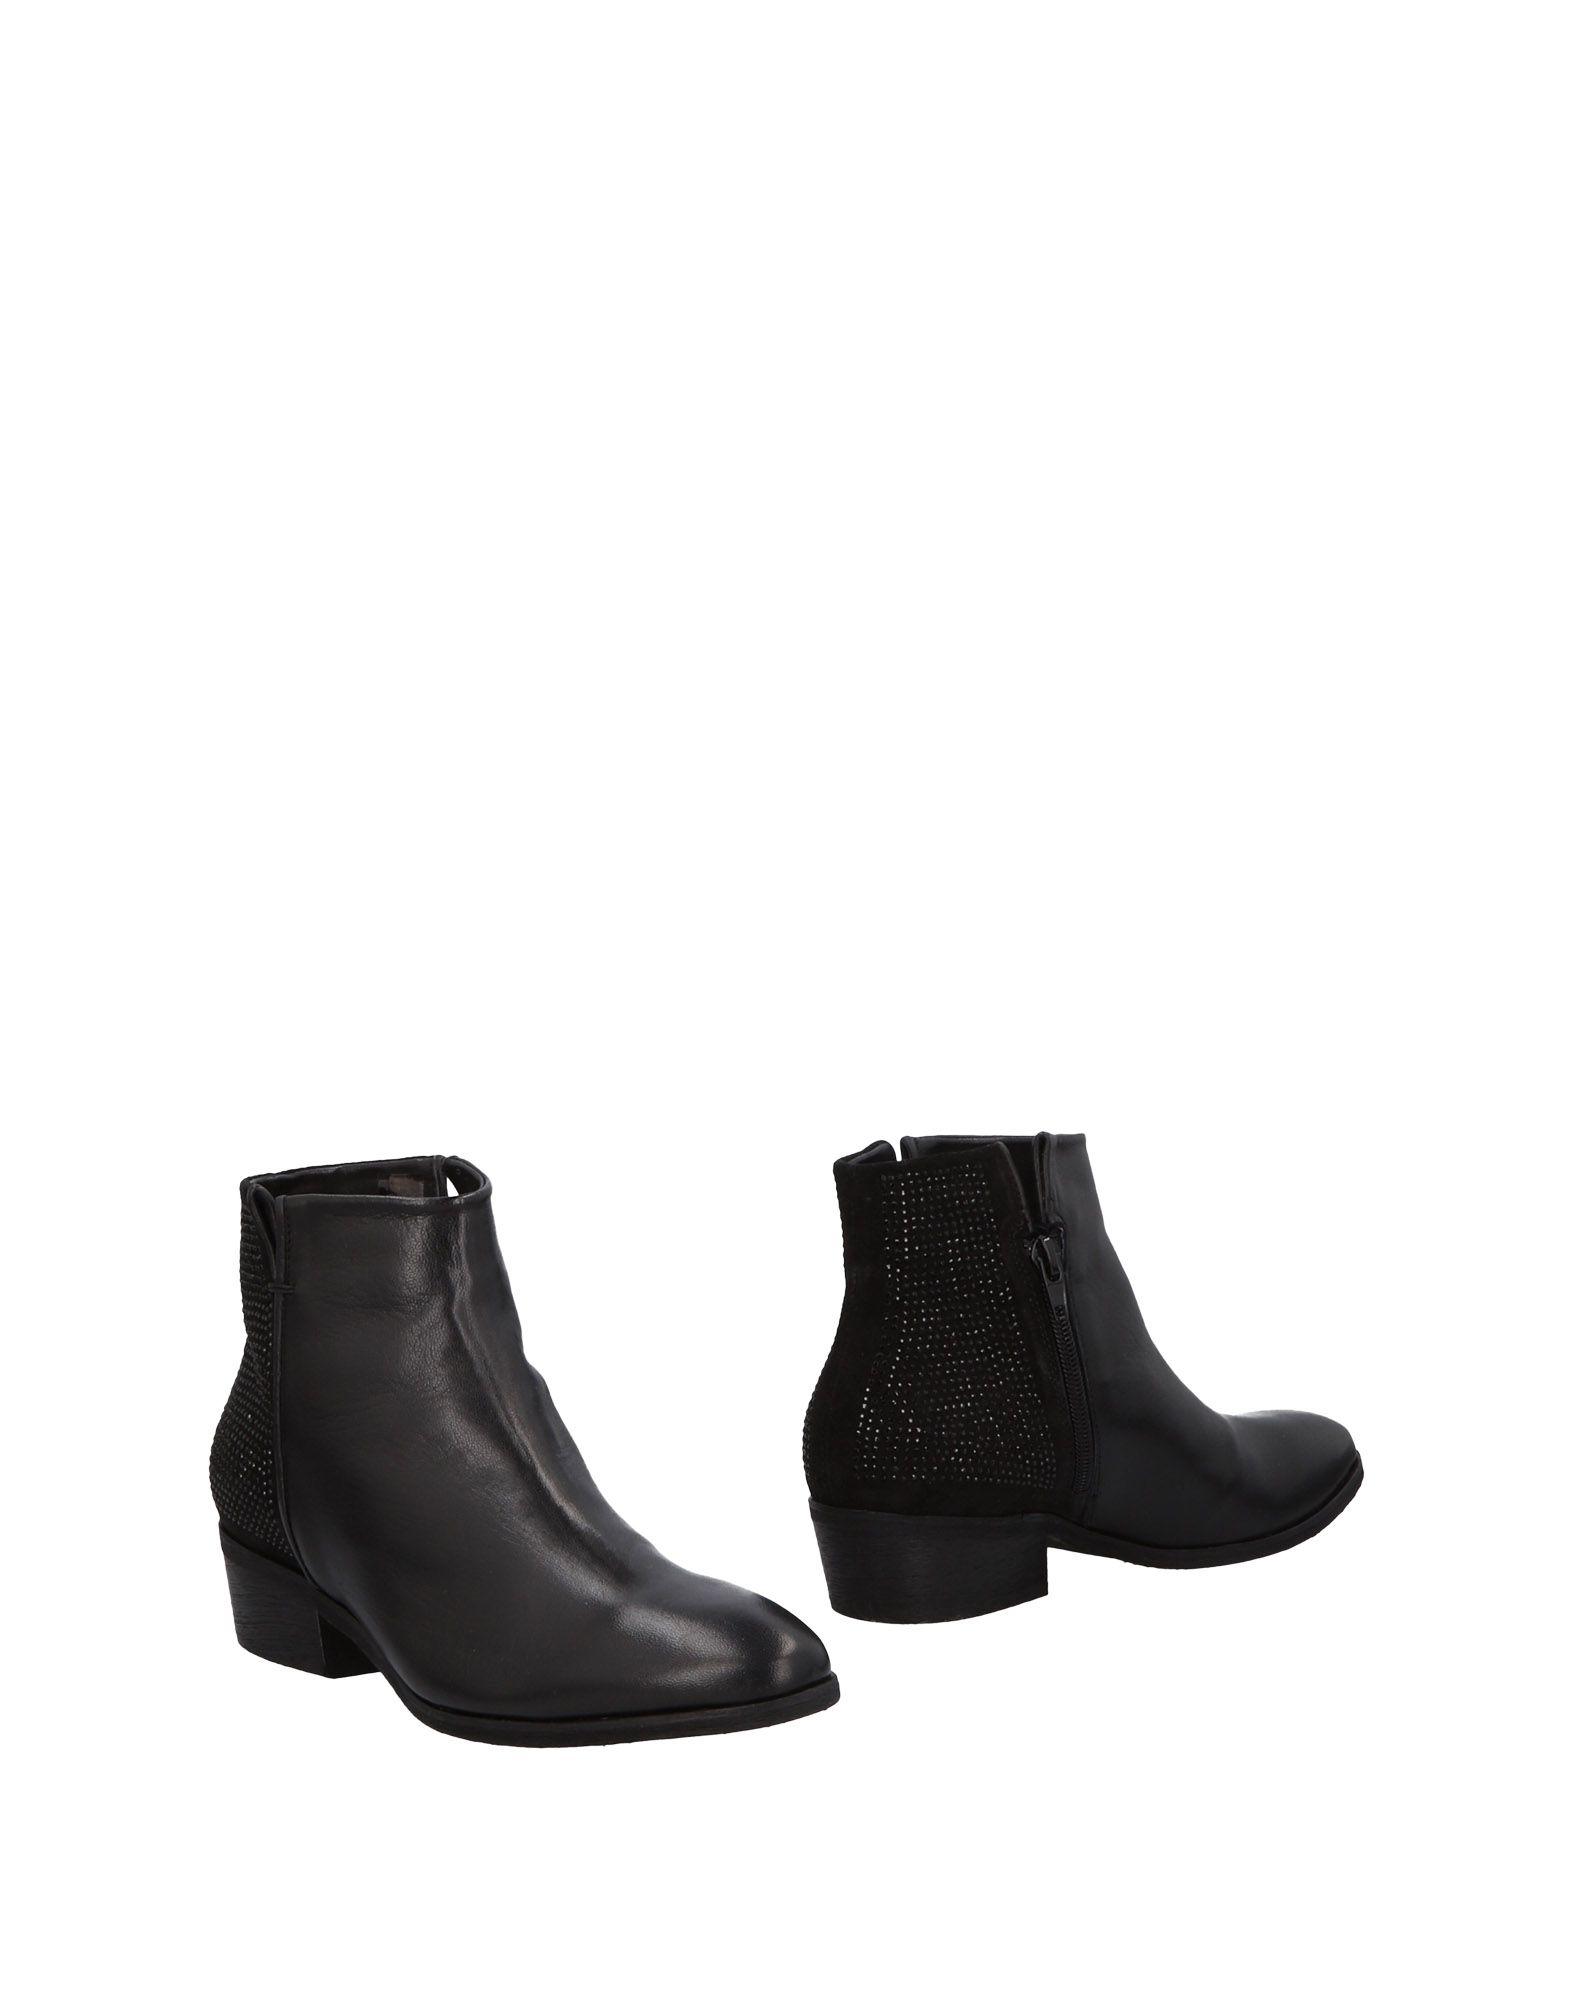 Bottine Tosca Blu Shoes Femme - Bottines Tosca Blu Shoes Noir Les chaussures les plus populaires pour les hommes et les femmes